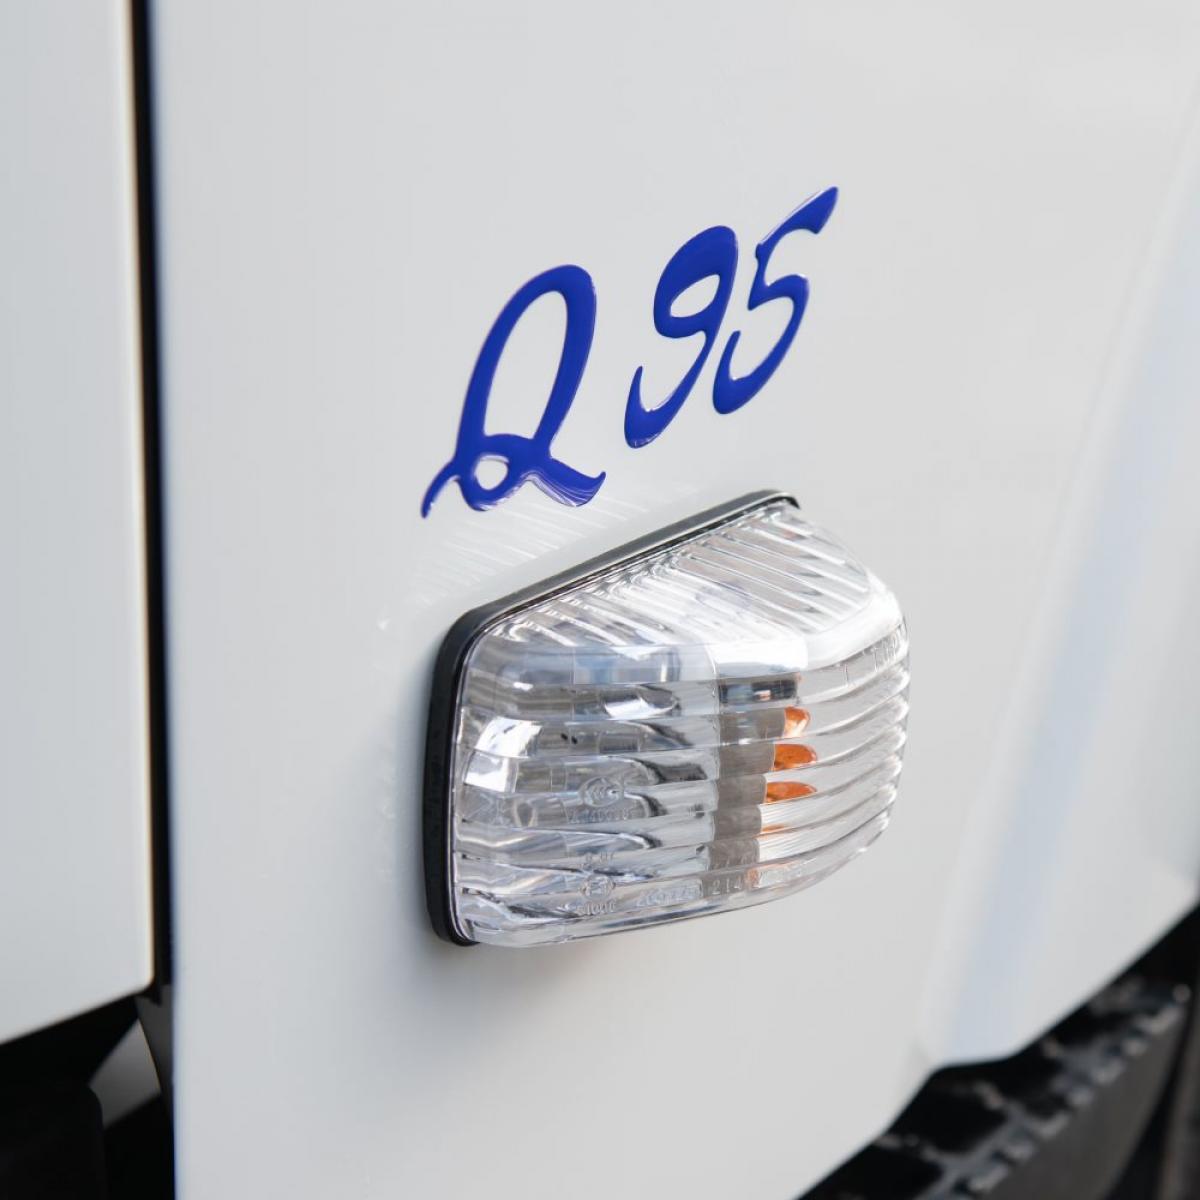 Isuzu Q95